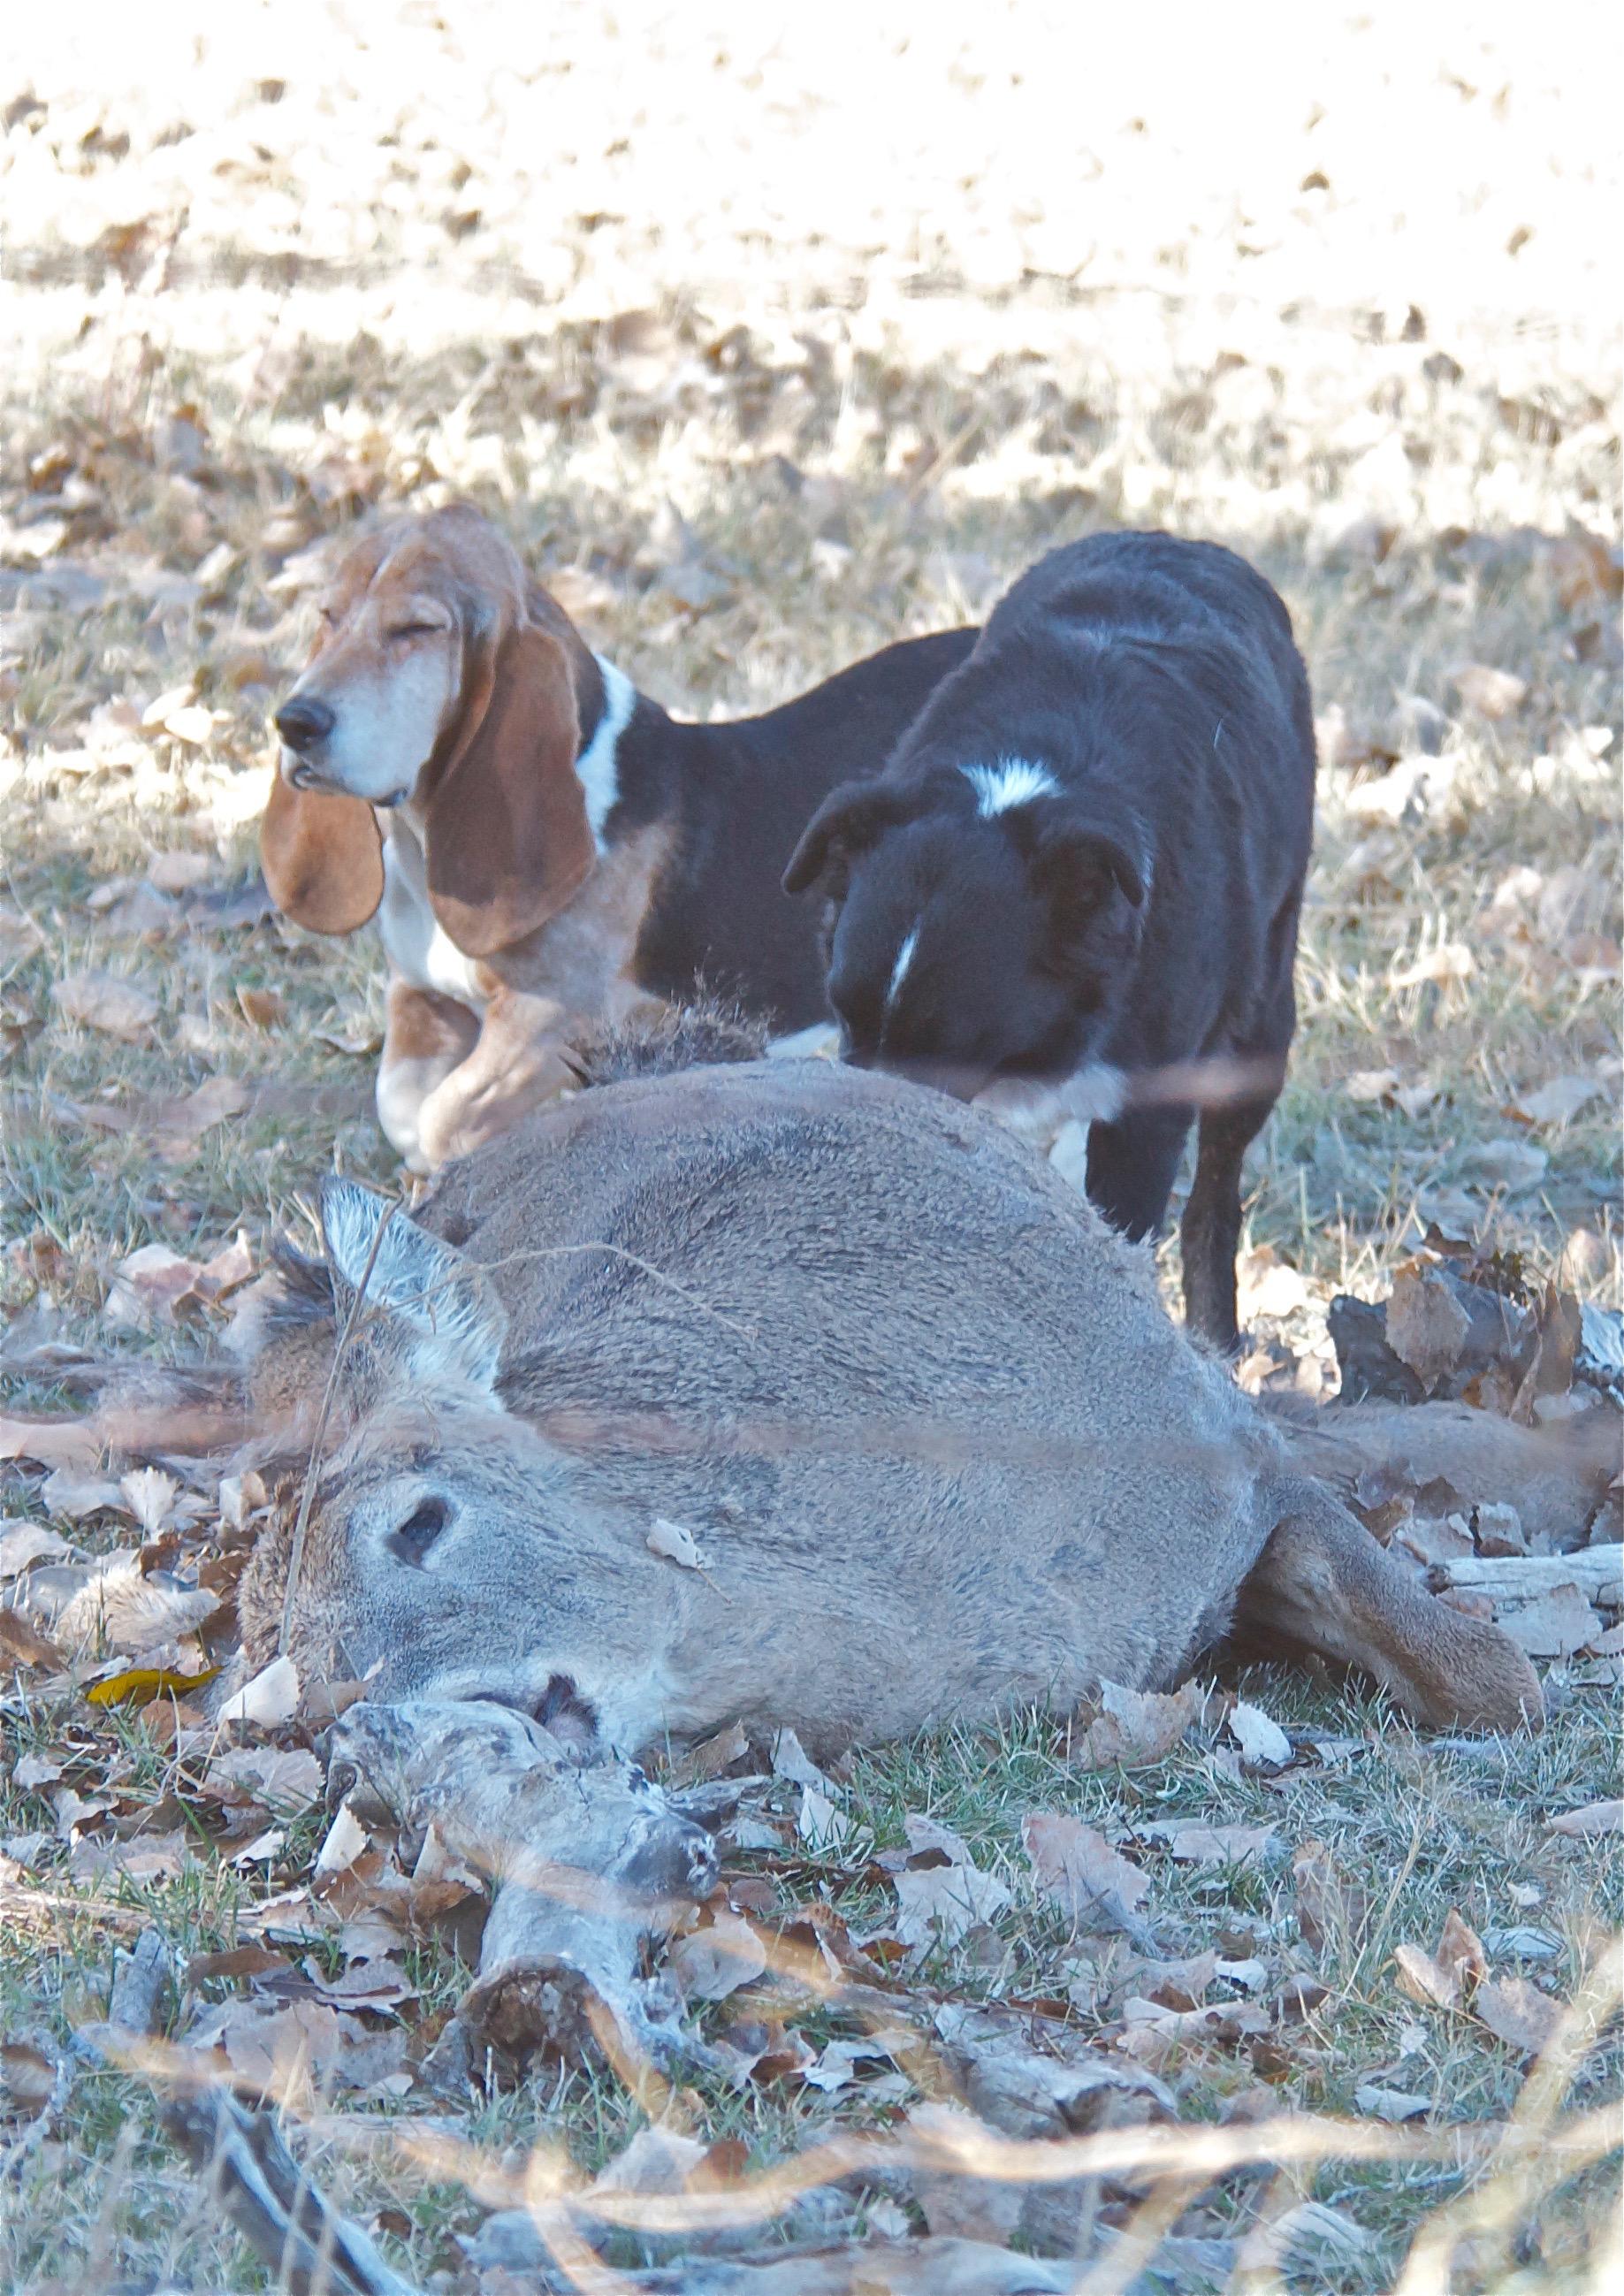 Dogs Eating Mule Deer